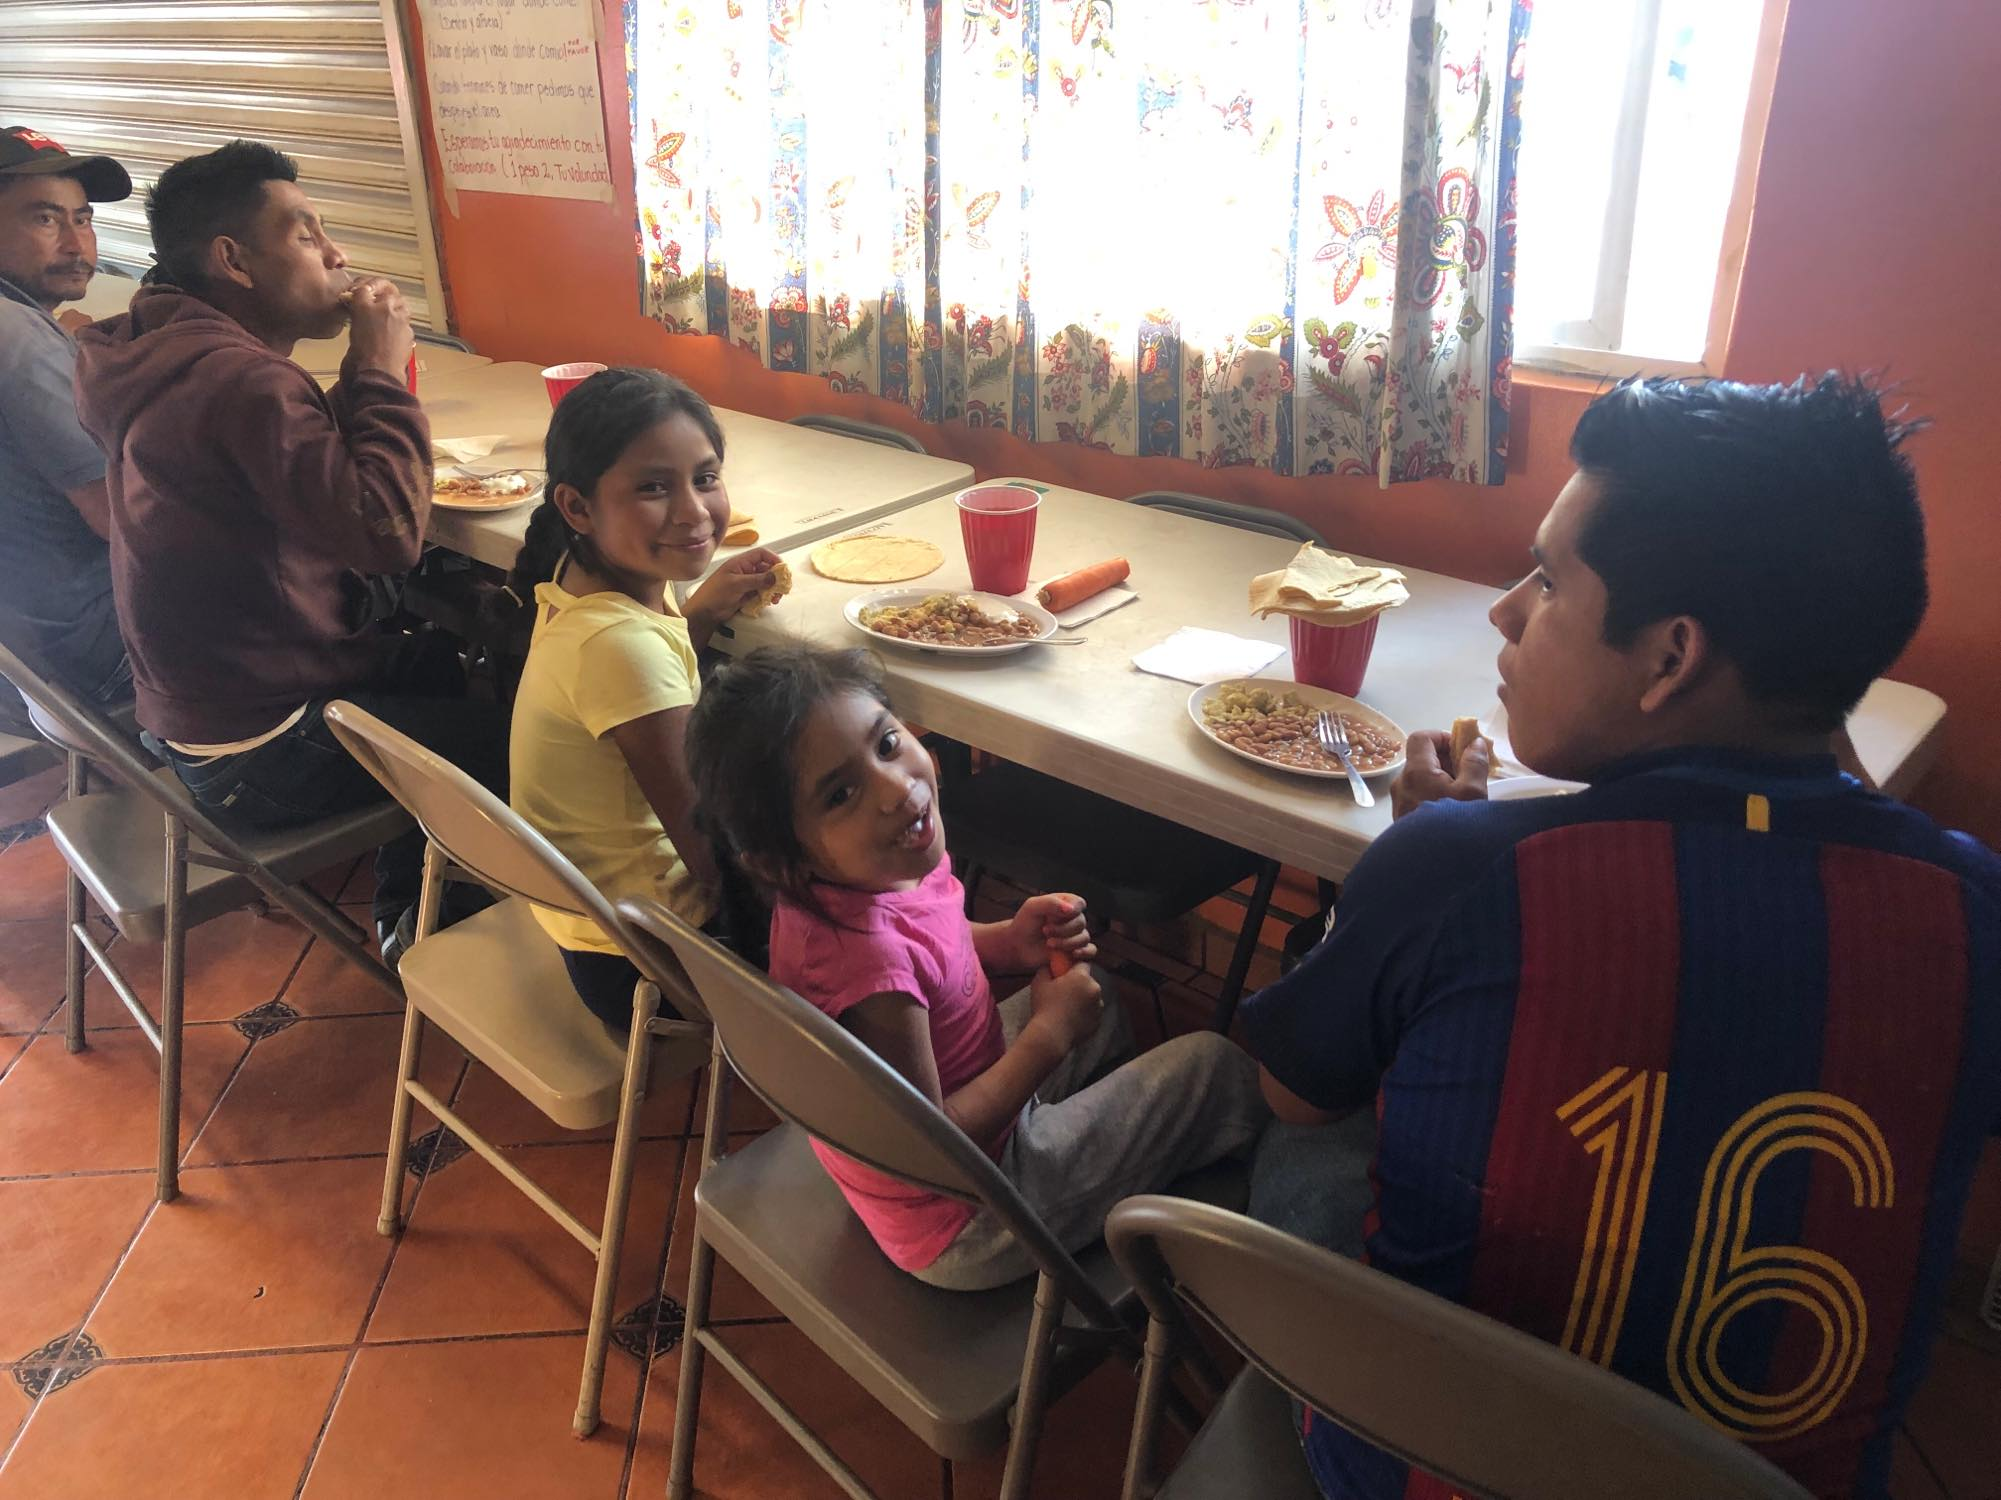 Familia migrantes comiendo en el Comedor comunitario de Contra Viento y Marea en Tijuana, B.C., México. Foto: Devi Machete.